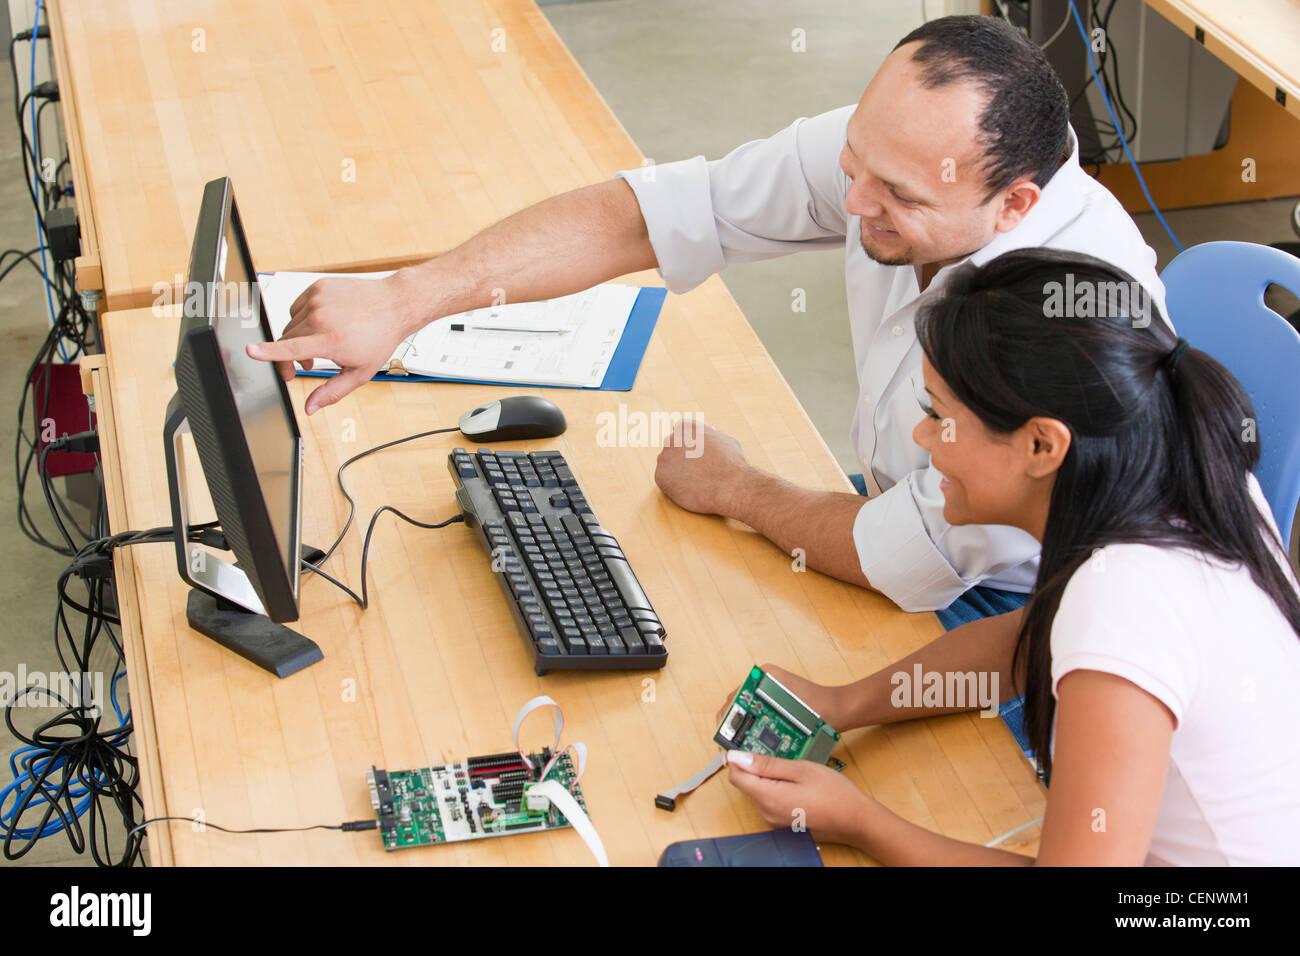 Des étudiants en génie à l'ordinateur à l'aide d'émulateur Photo Stock